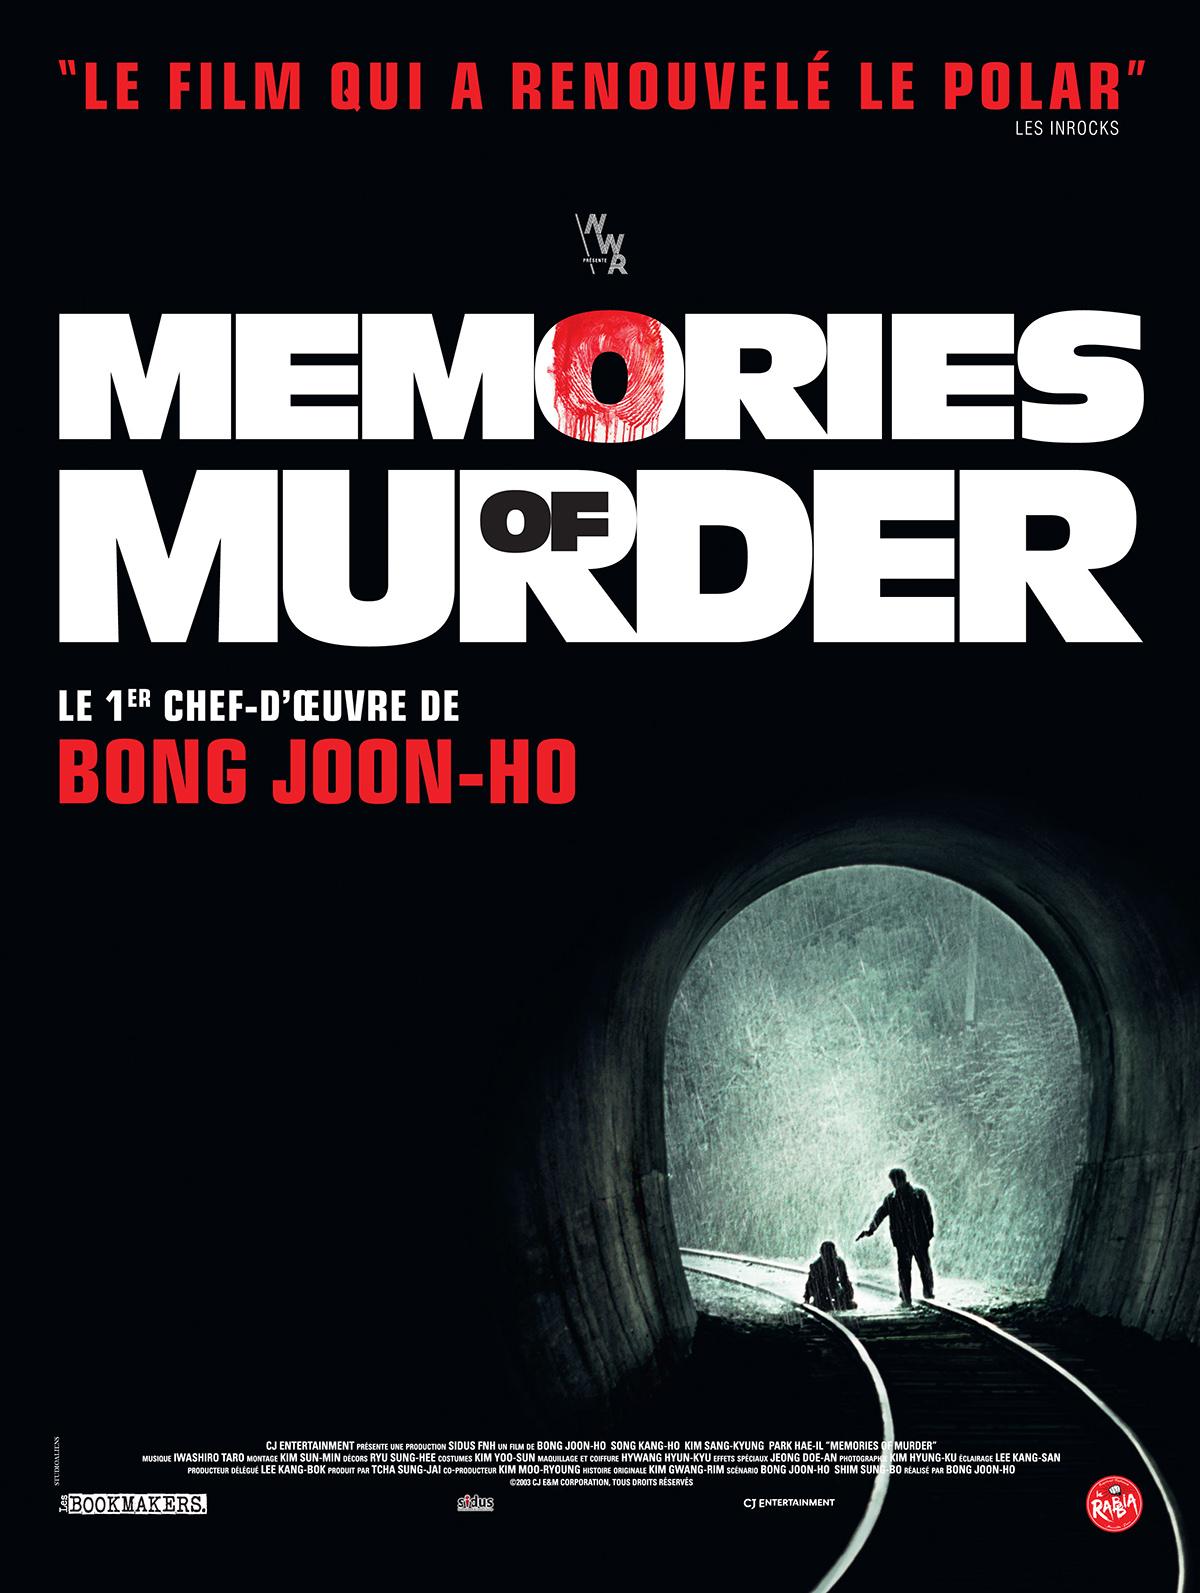 Memories Of Murders